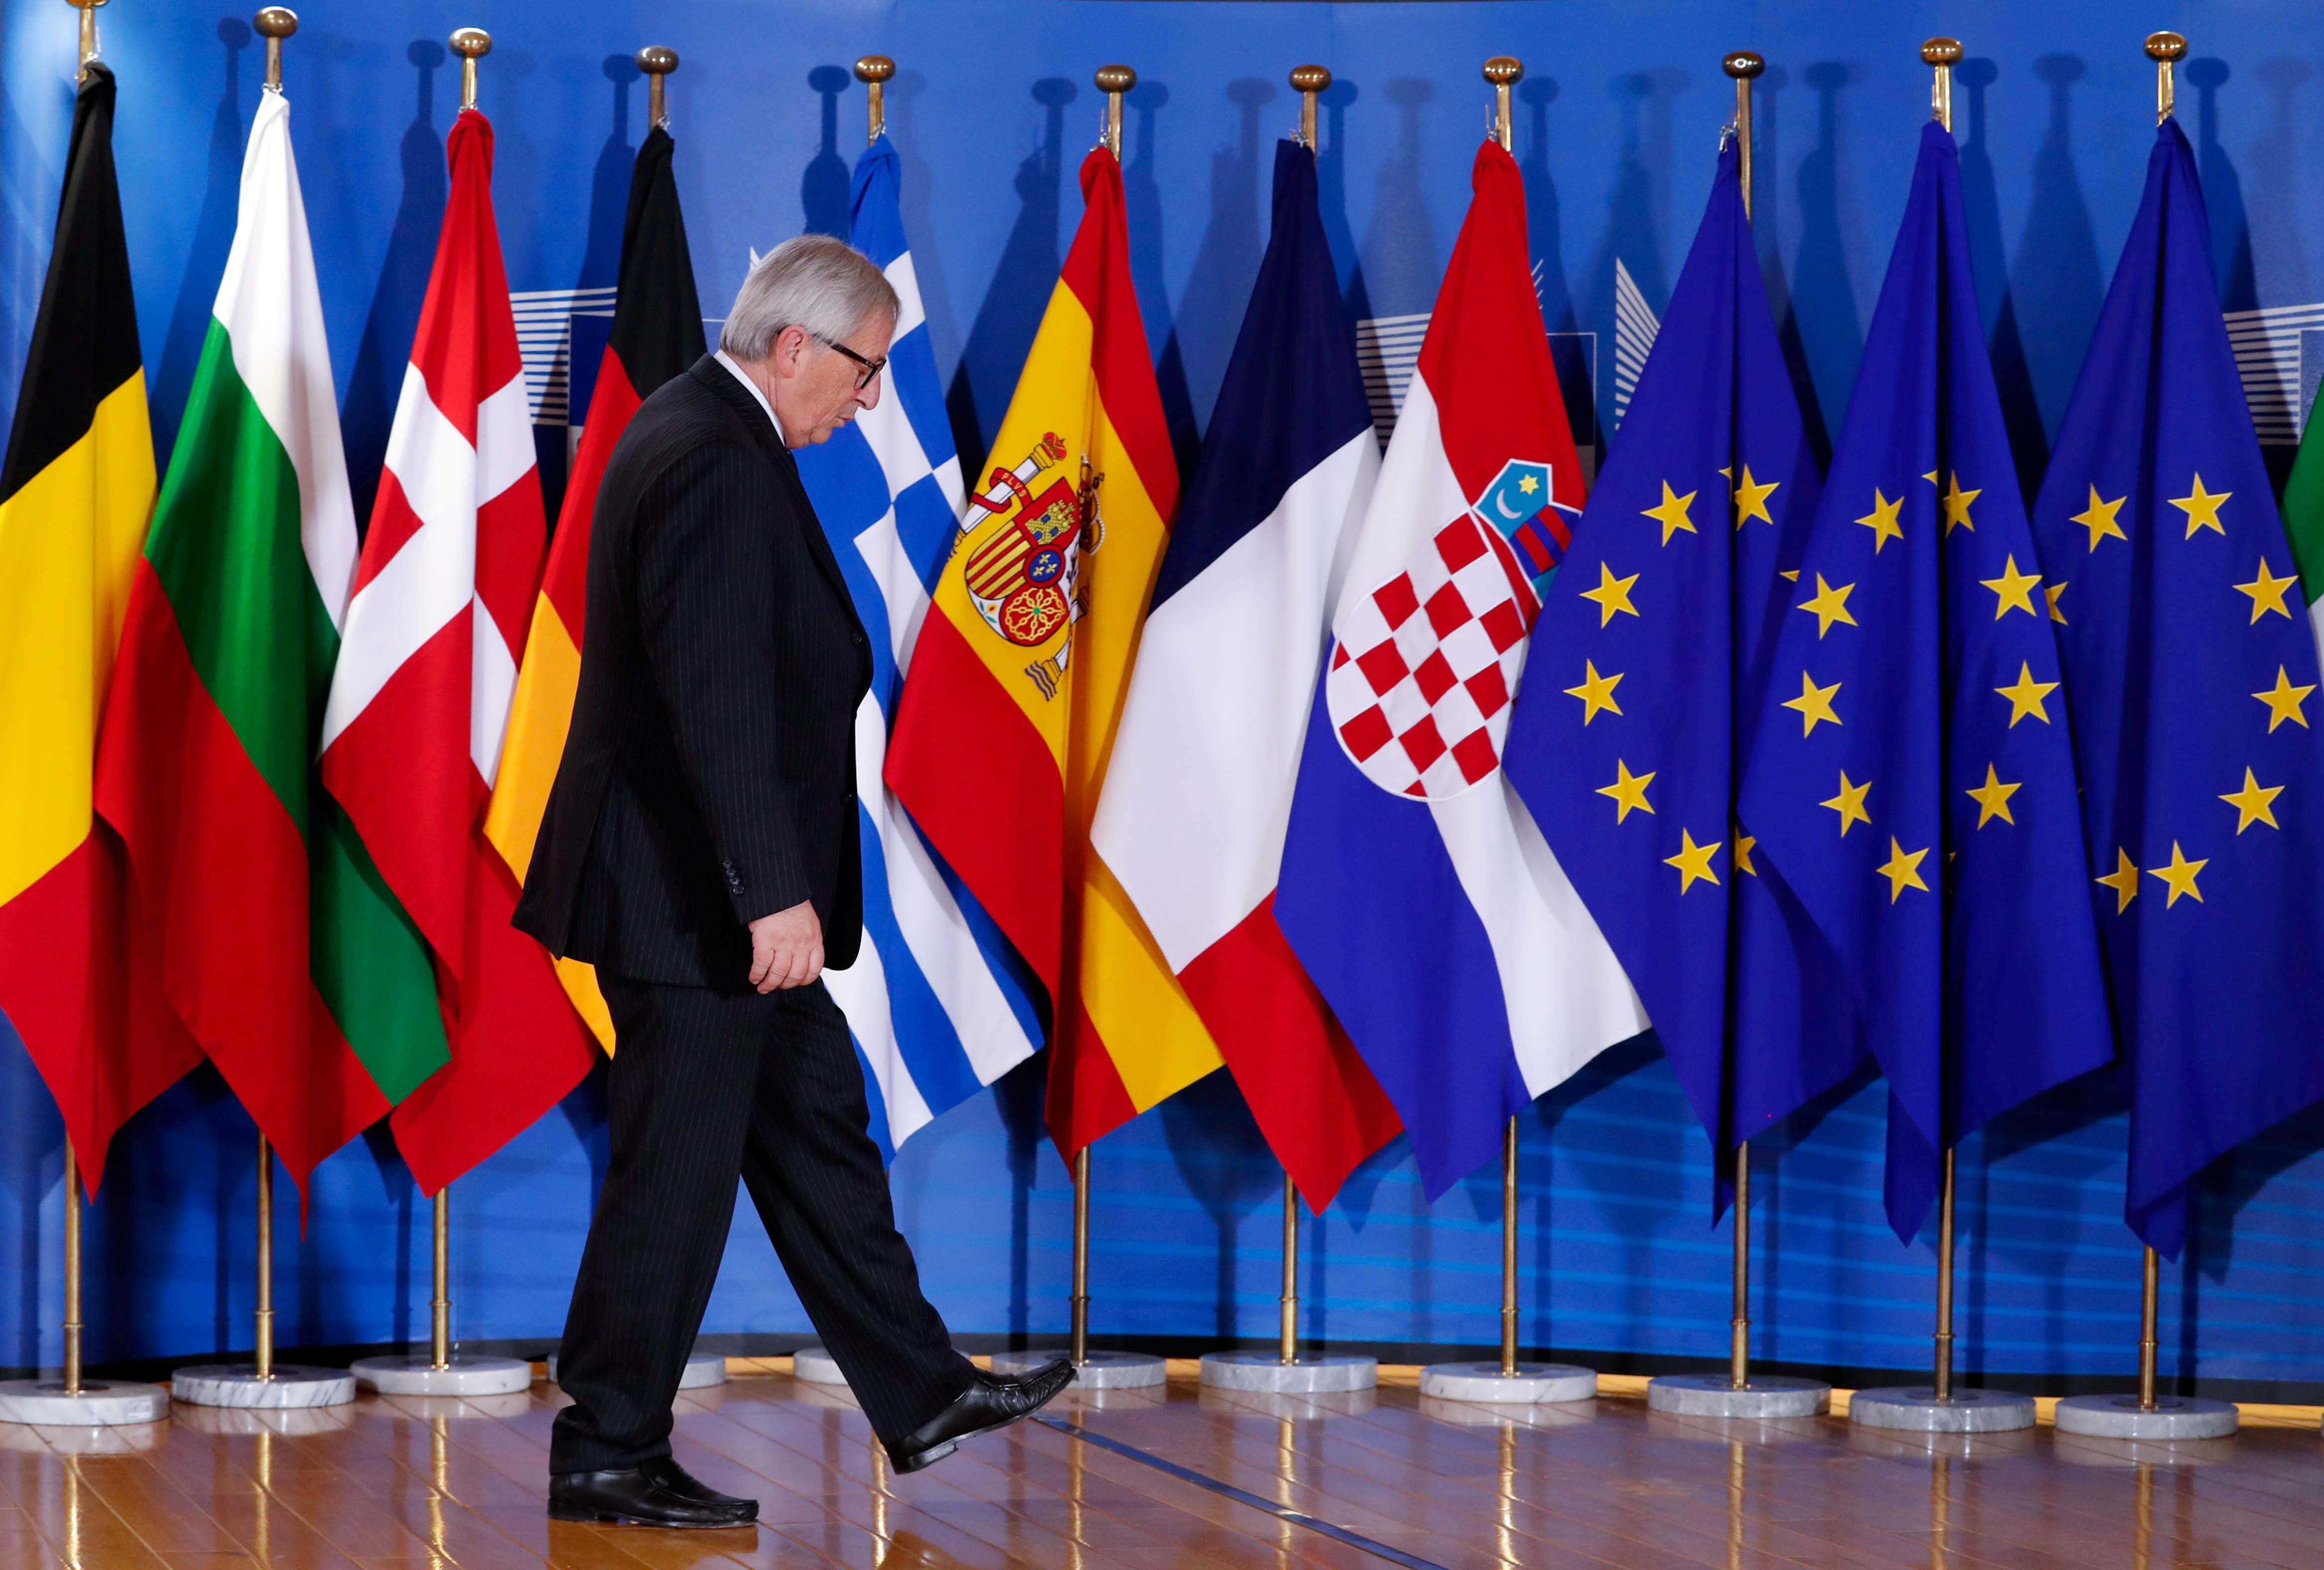 28-29 июня лидеры 16 стран ЕС на саммите в Брюсселе договорились ужесточить миграционную политику